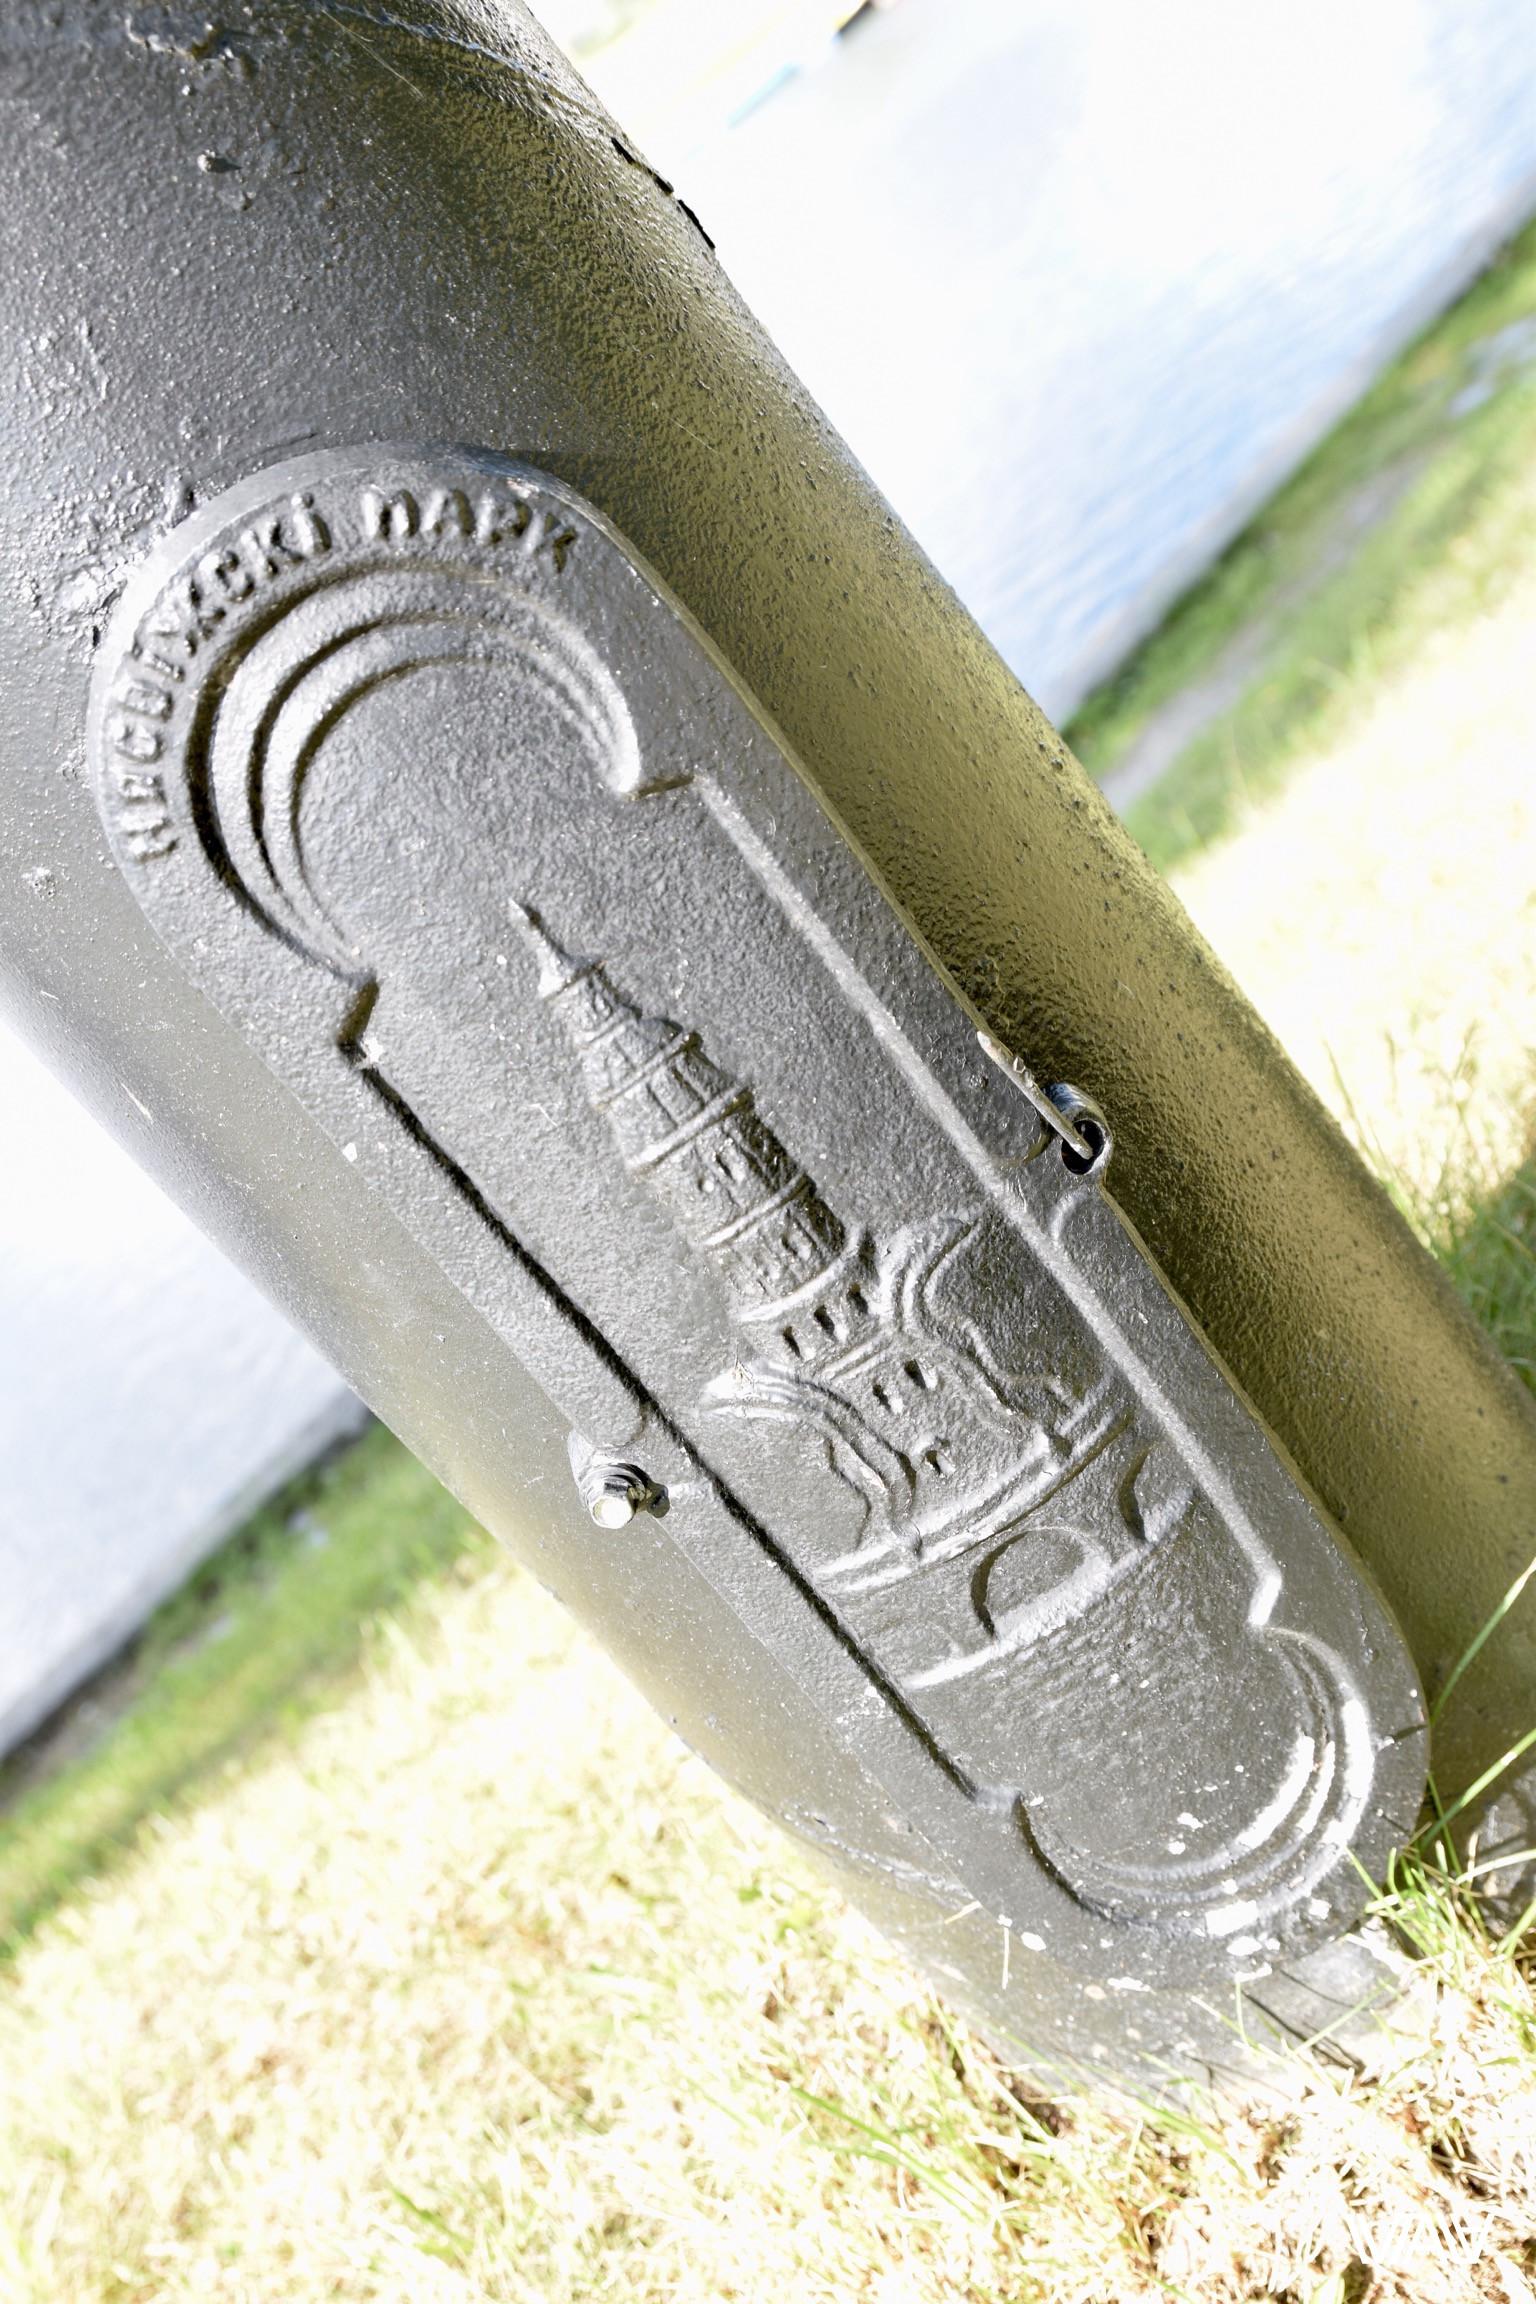 Столбики моста украшены как и все в этой историко-культурной ценности. Несвижский замок, Несвиж, Беларусь